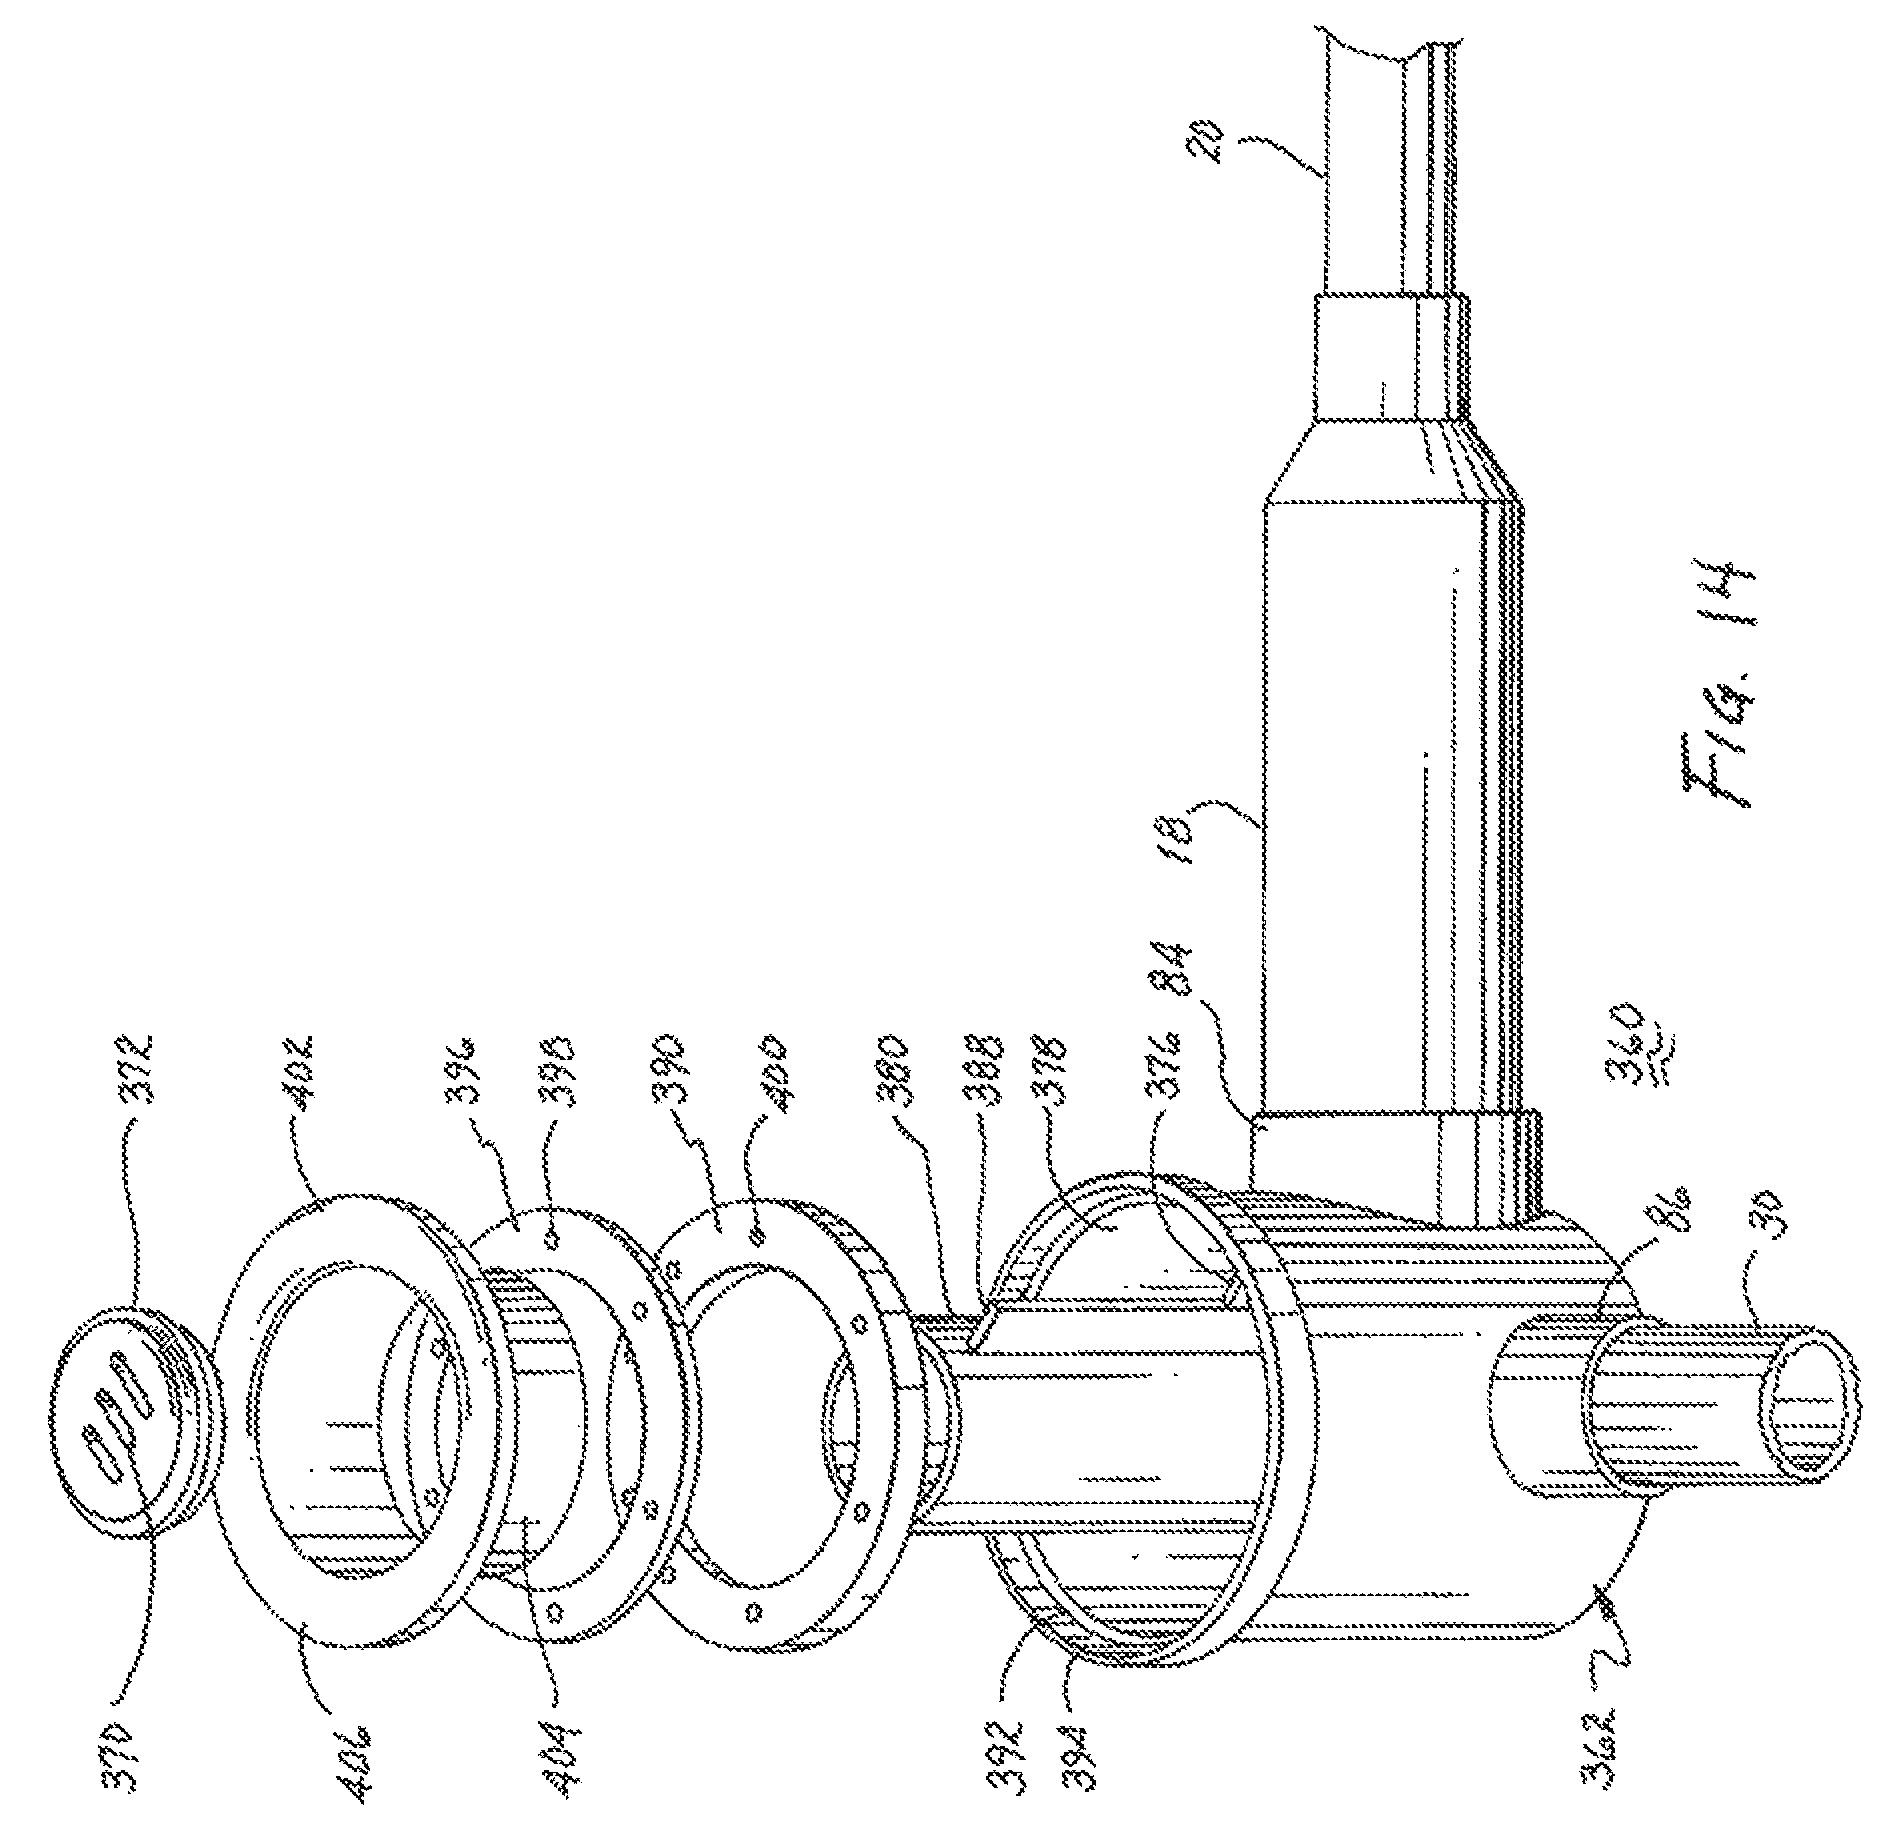 Pool Pump Electrical Diagram - List of Wiring Diagrams A Pool Pump Motor Wiring Diagram on